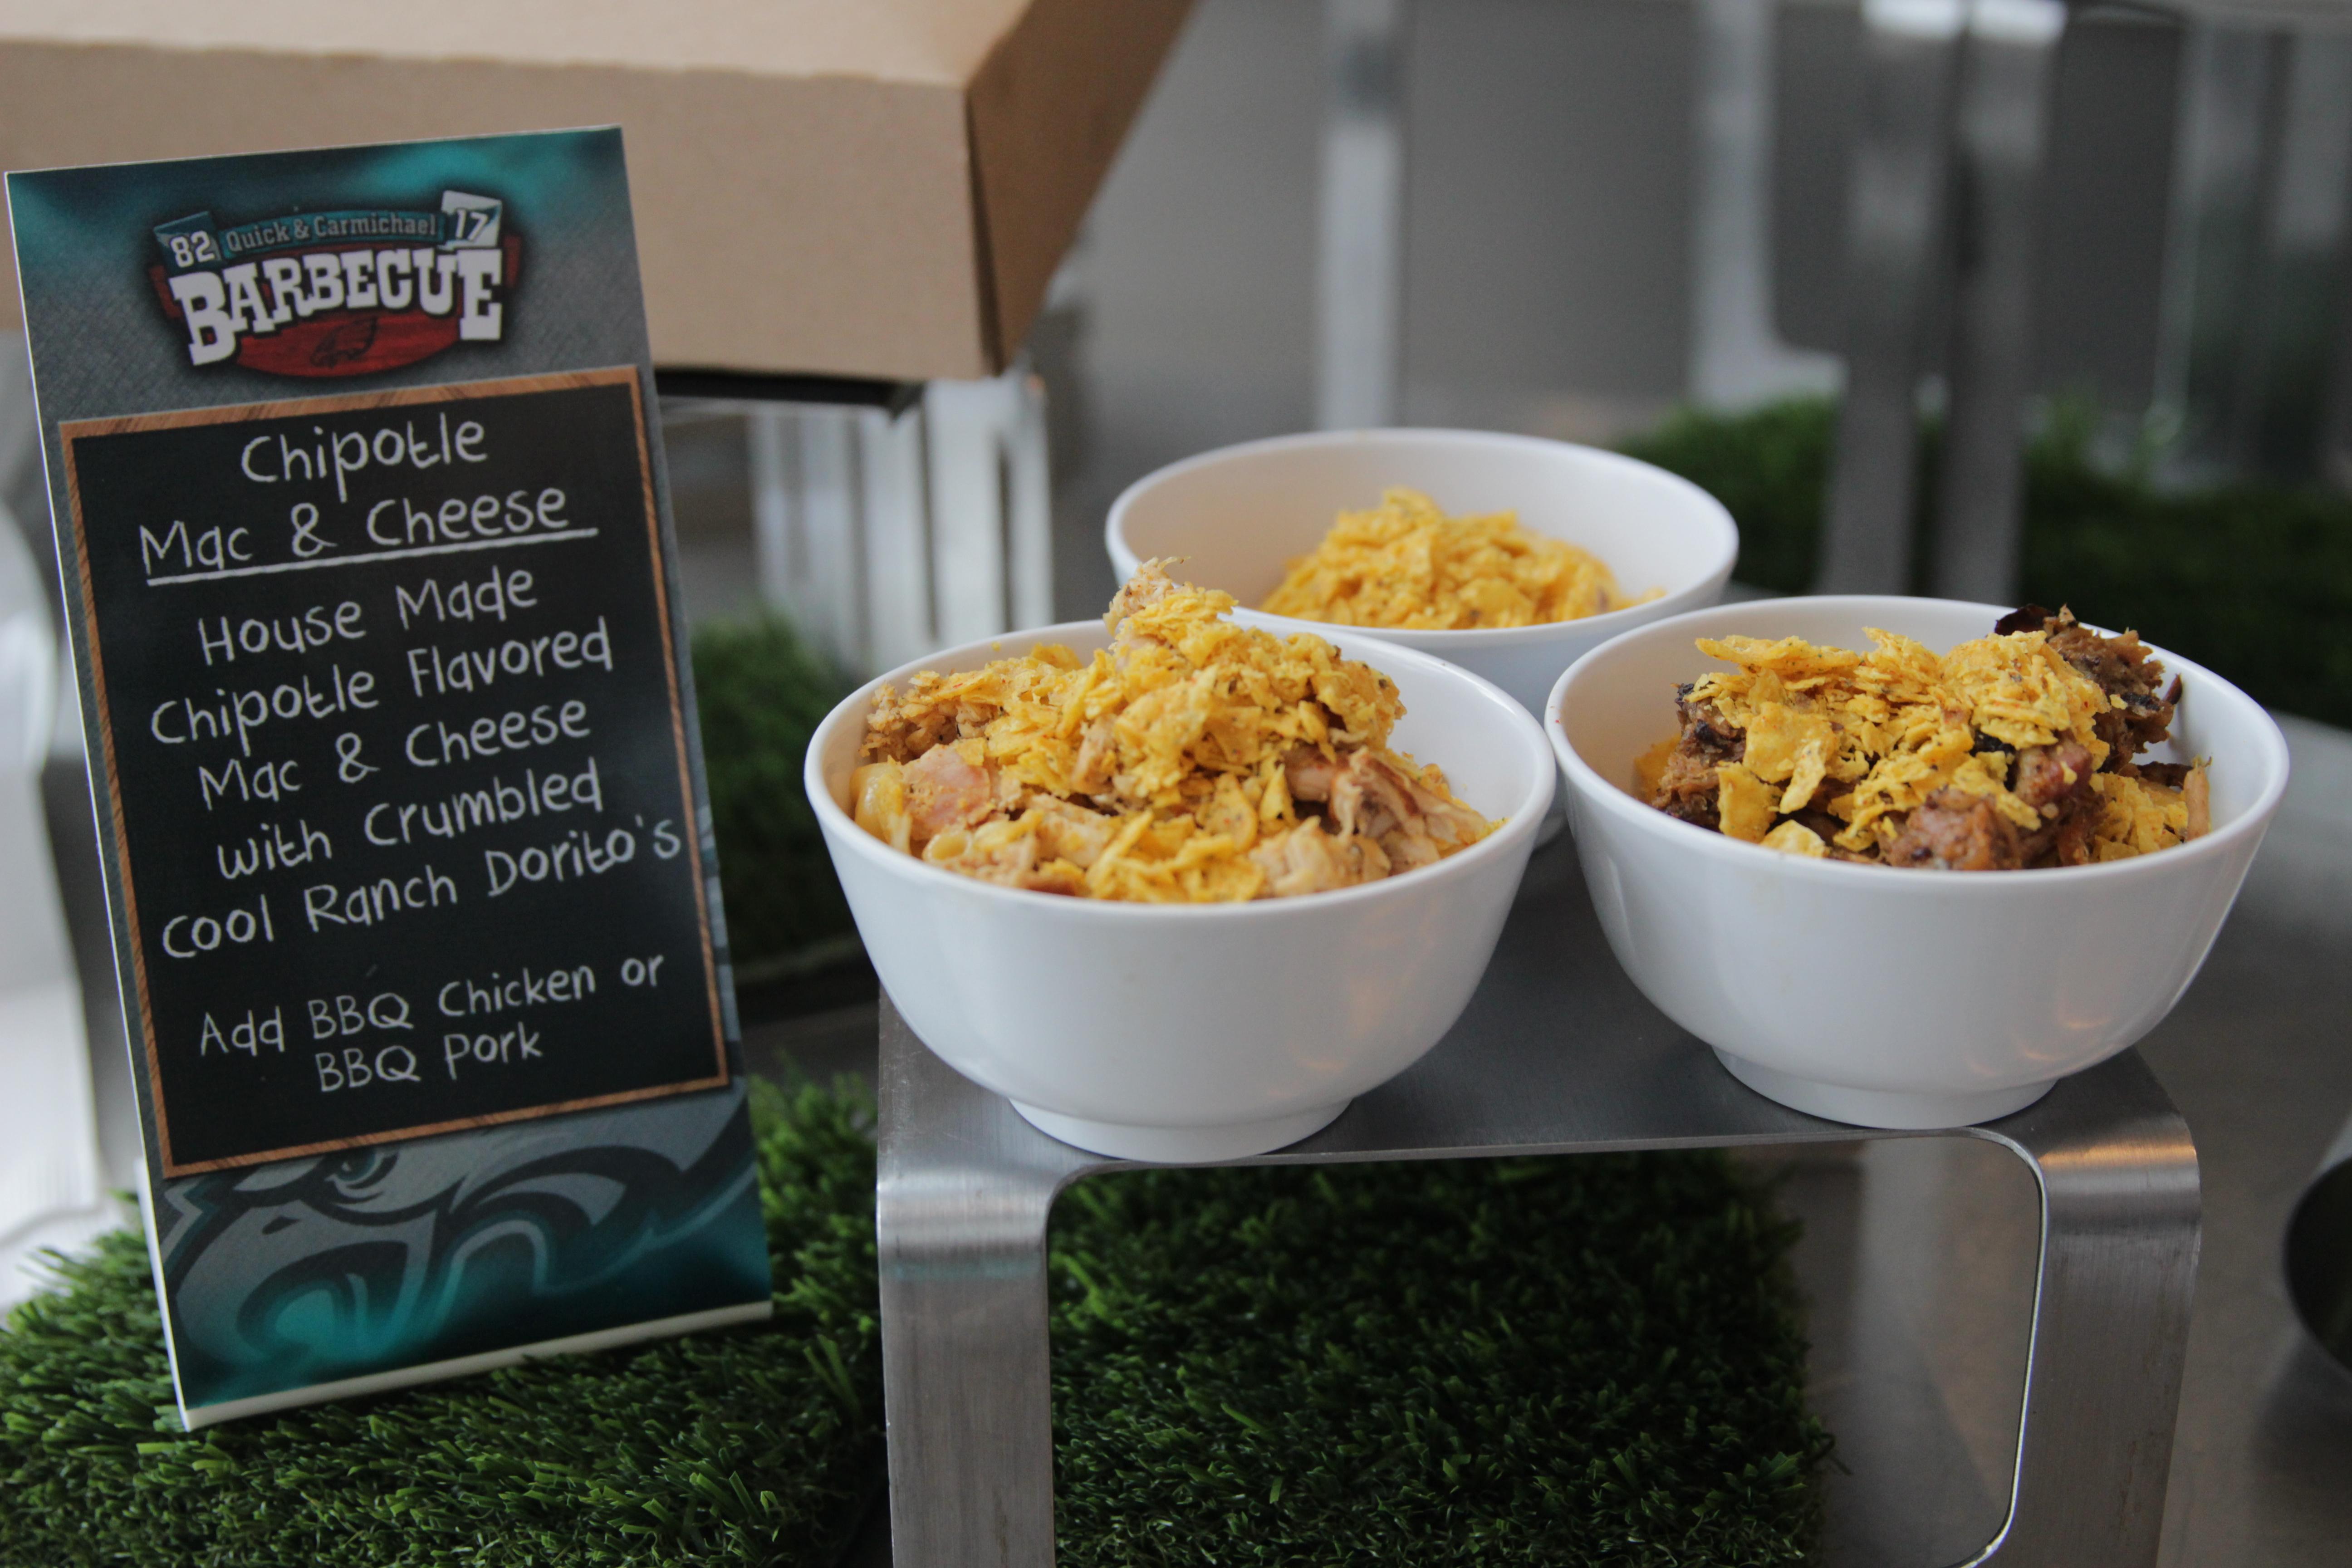 Chipotle Mac & Cheese   Photo via Aramark